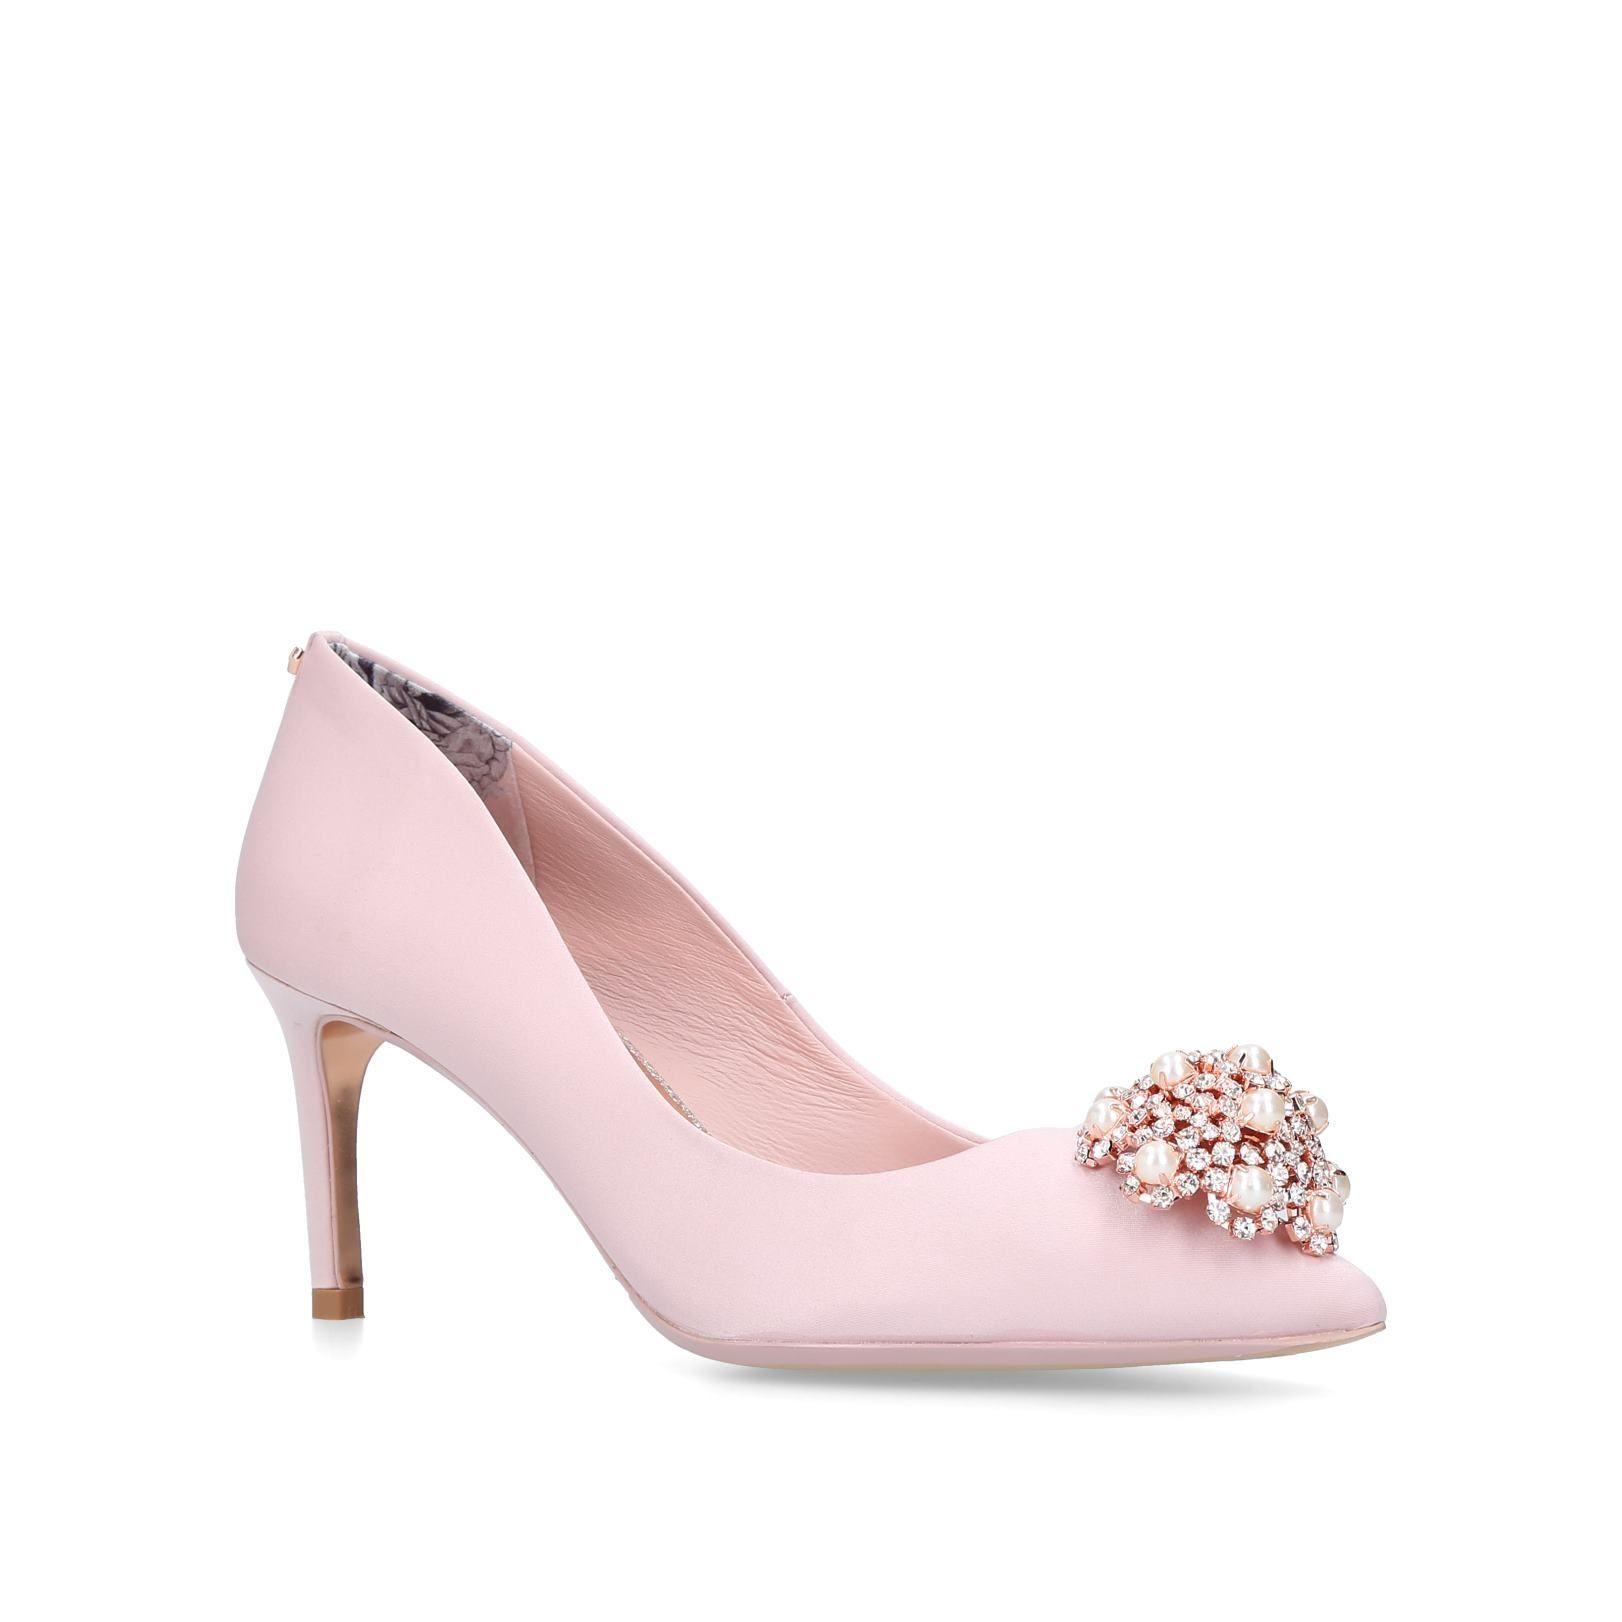 Dahrlin Pretty Shoes Heels Rubber Heels